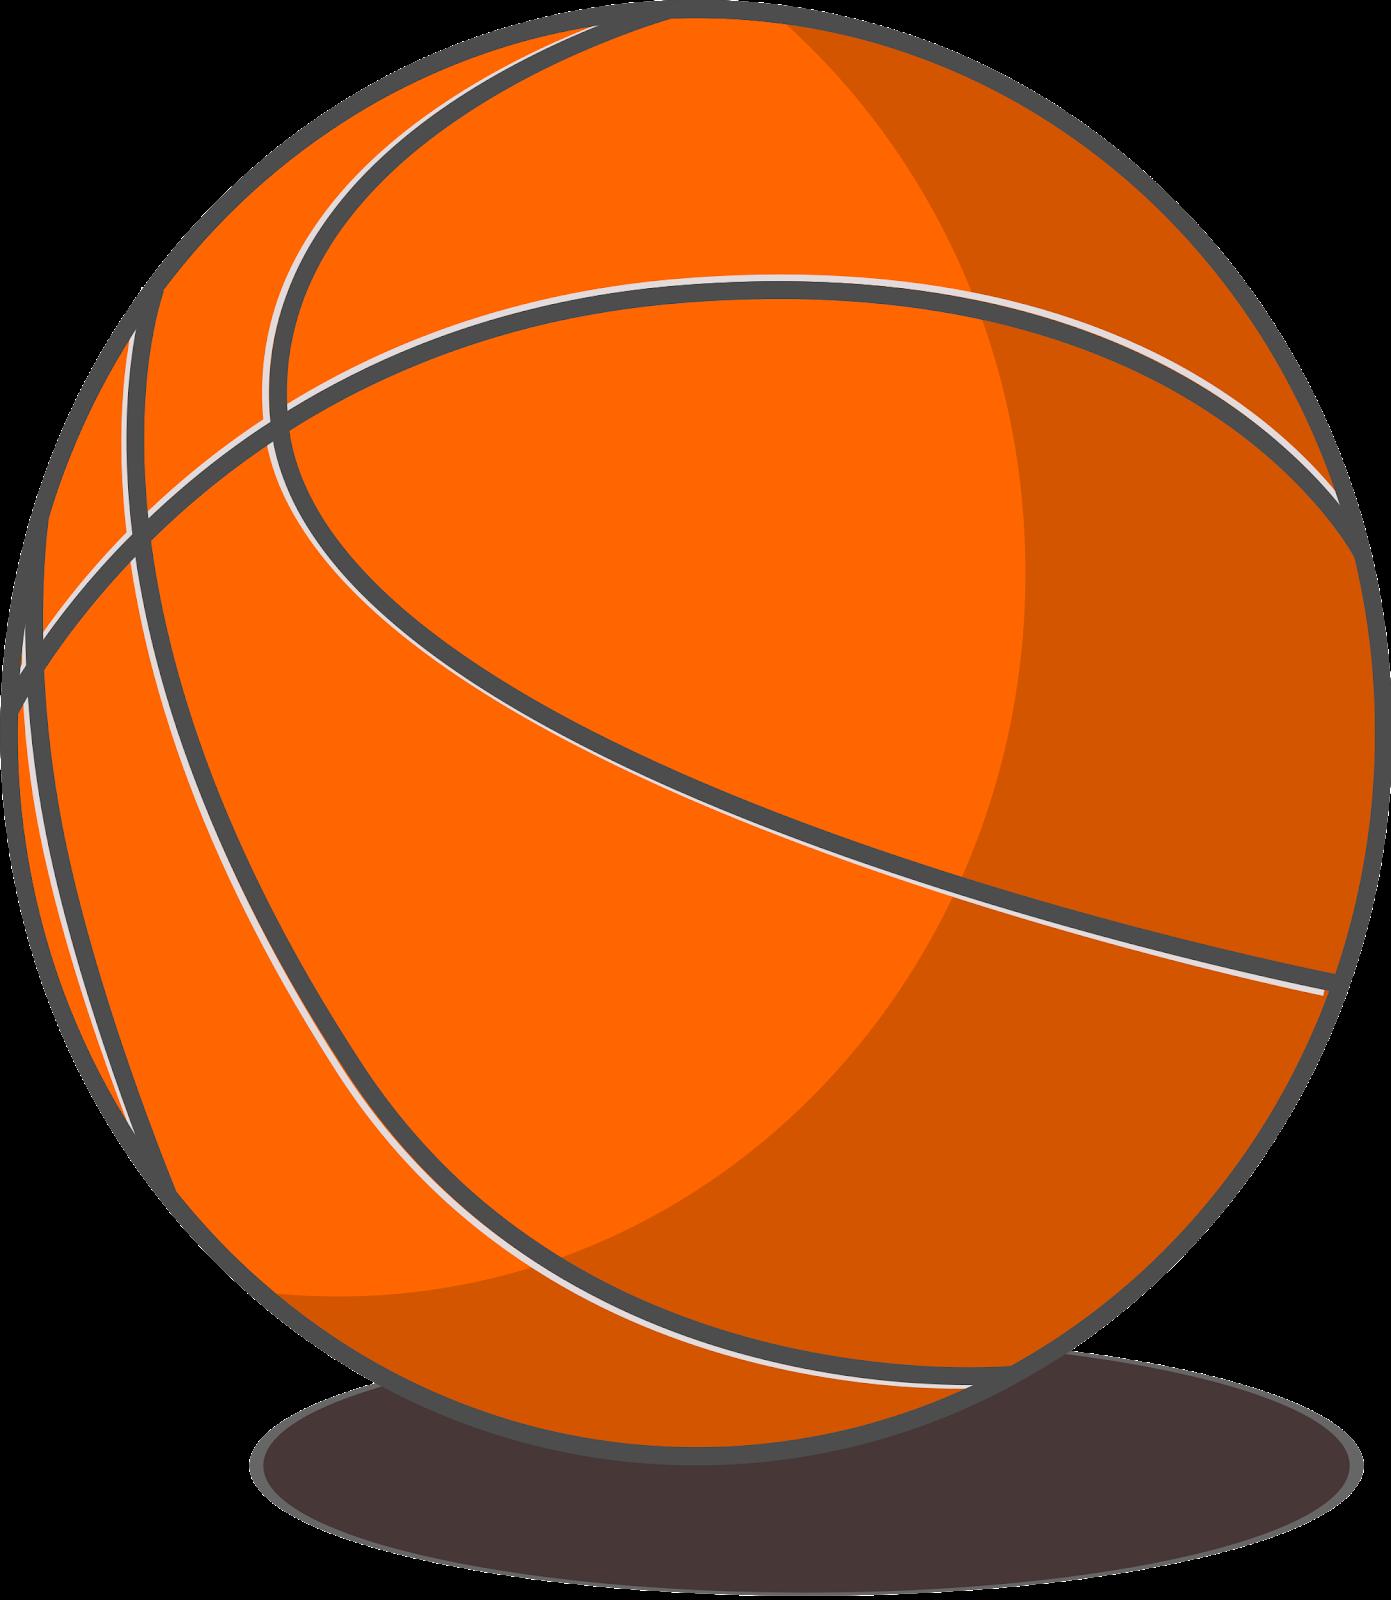 File:Basketball.svg - Wikimedia Commons